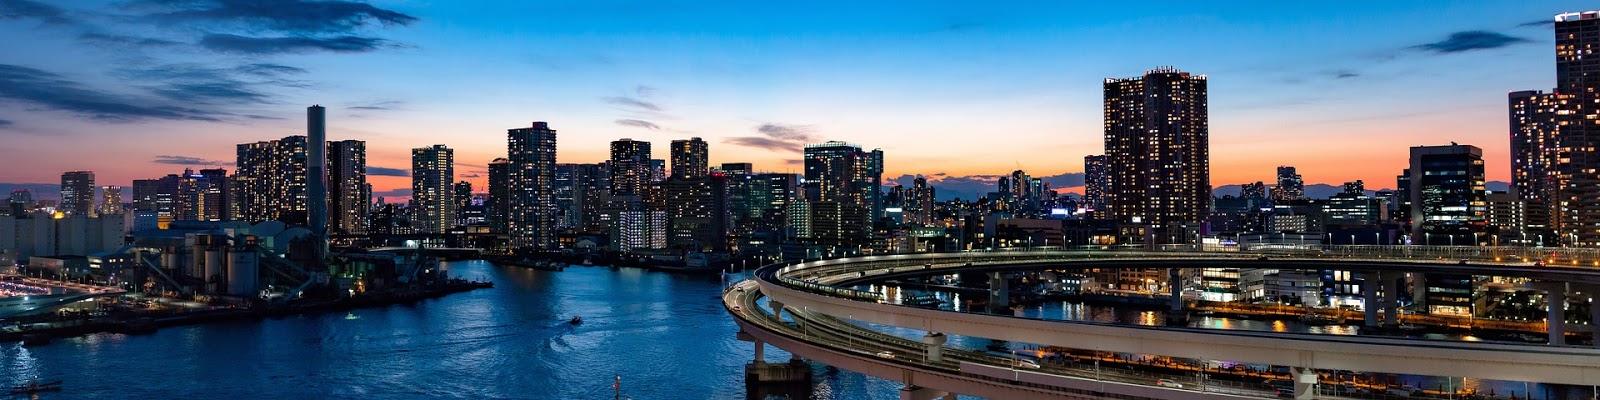 東京のレインボーブリッジのループ線の夜景